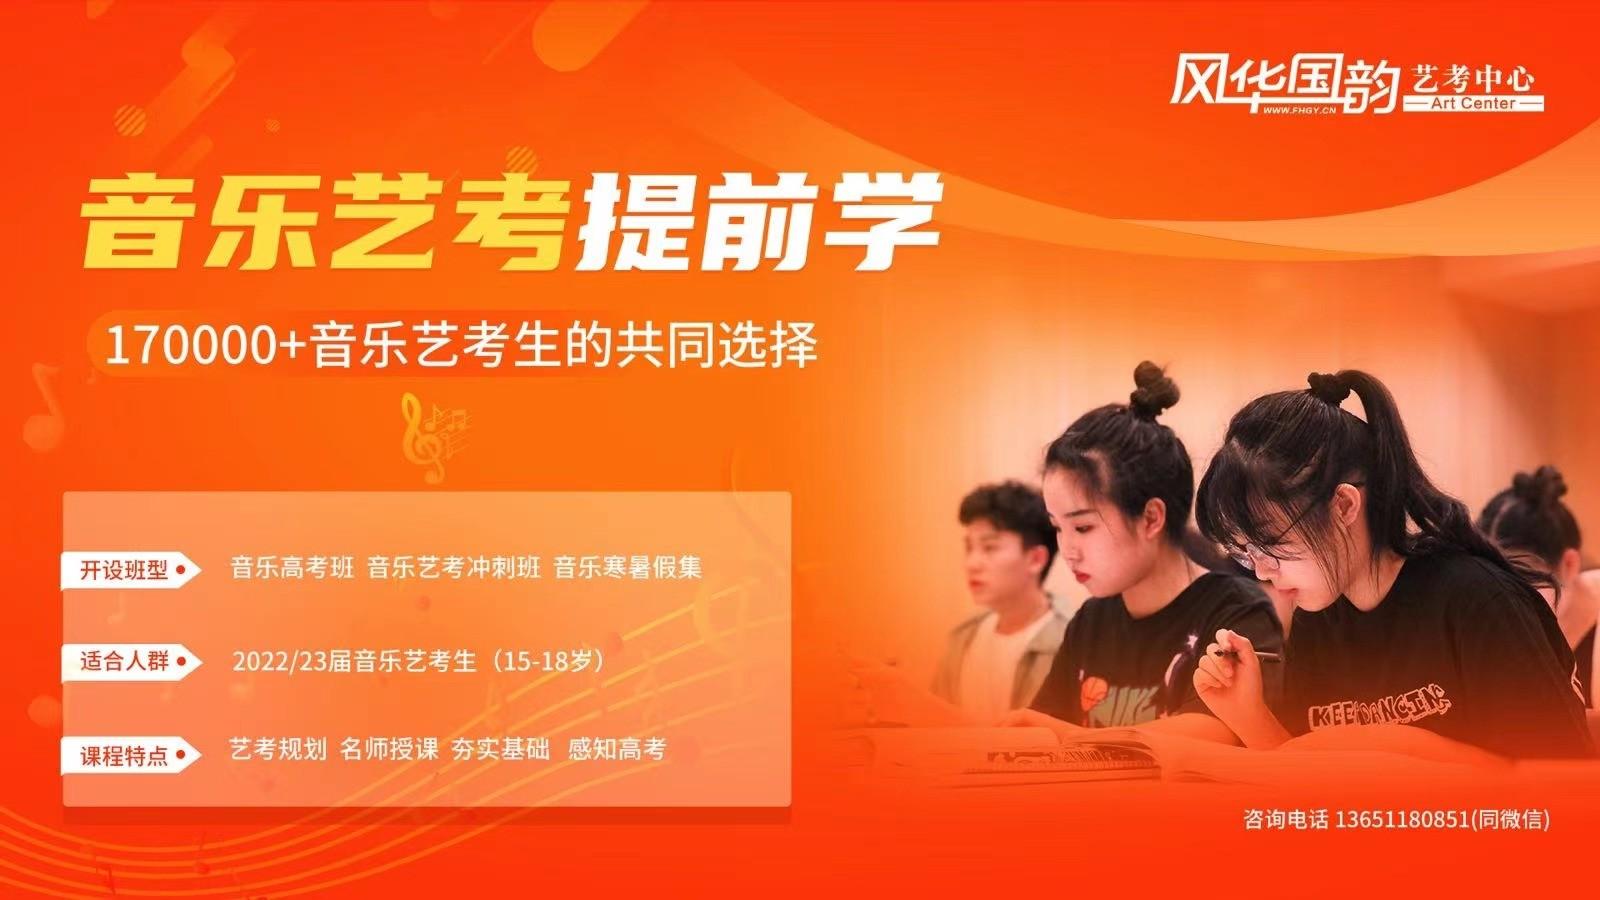 中国音乐学院培训班哪个好(怎么选)